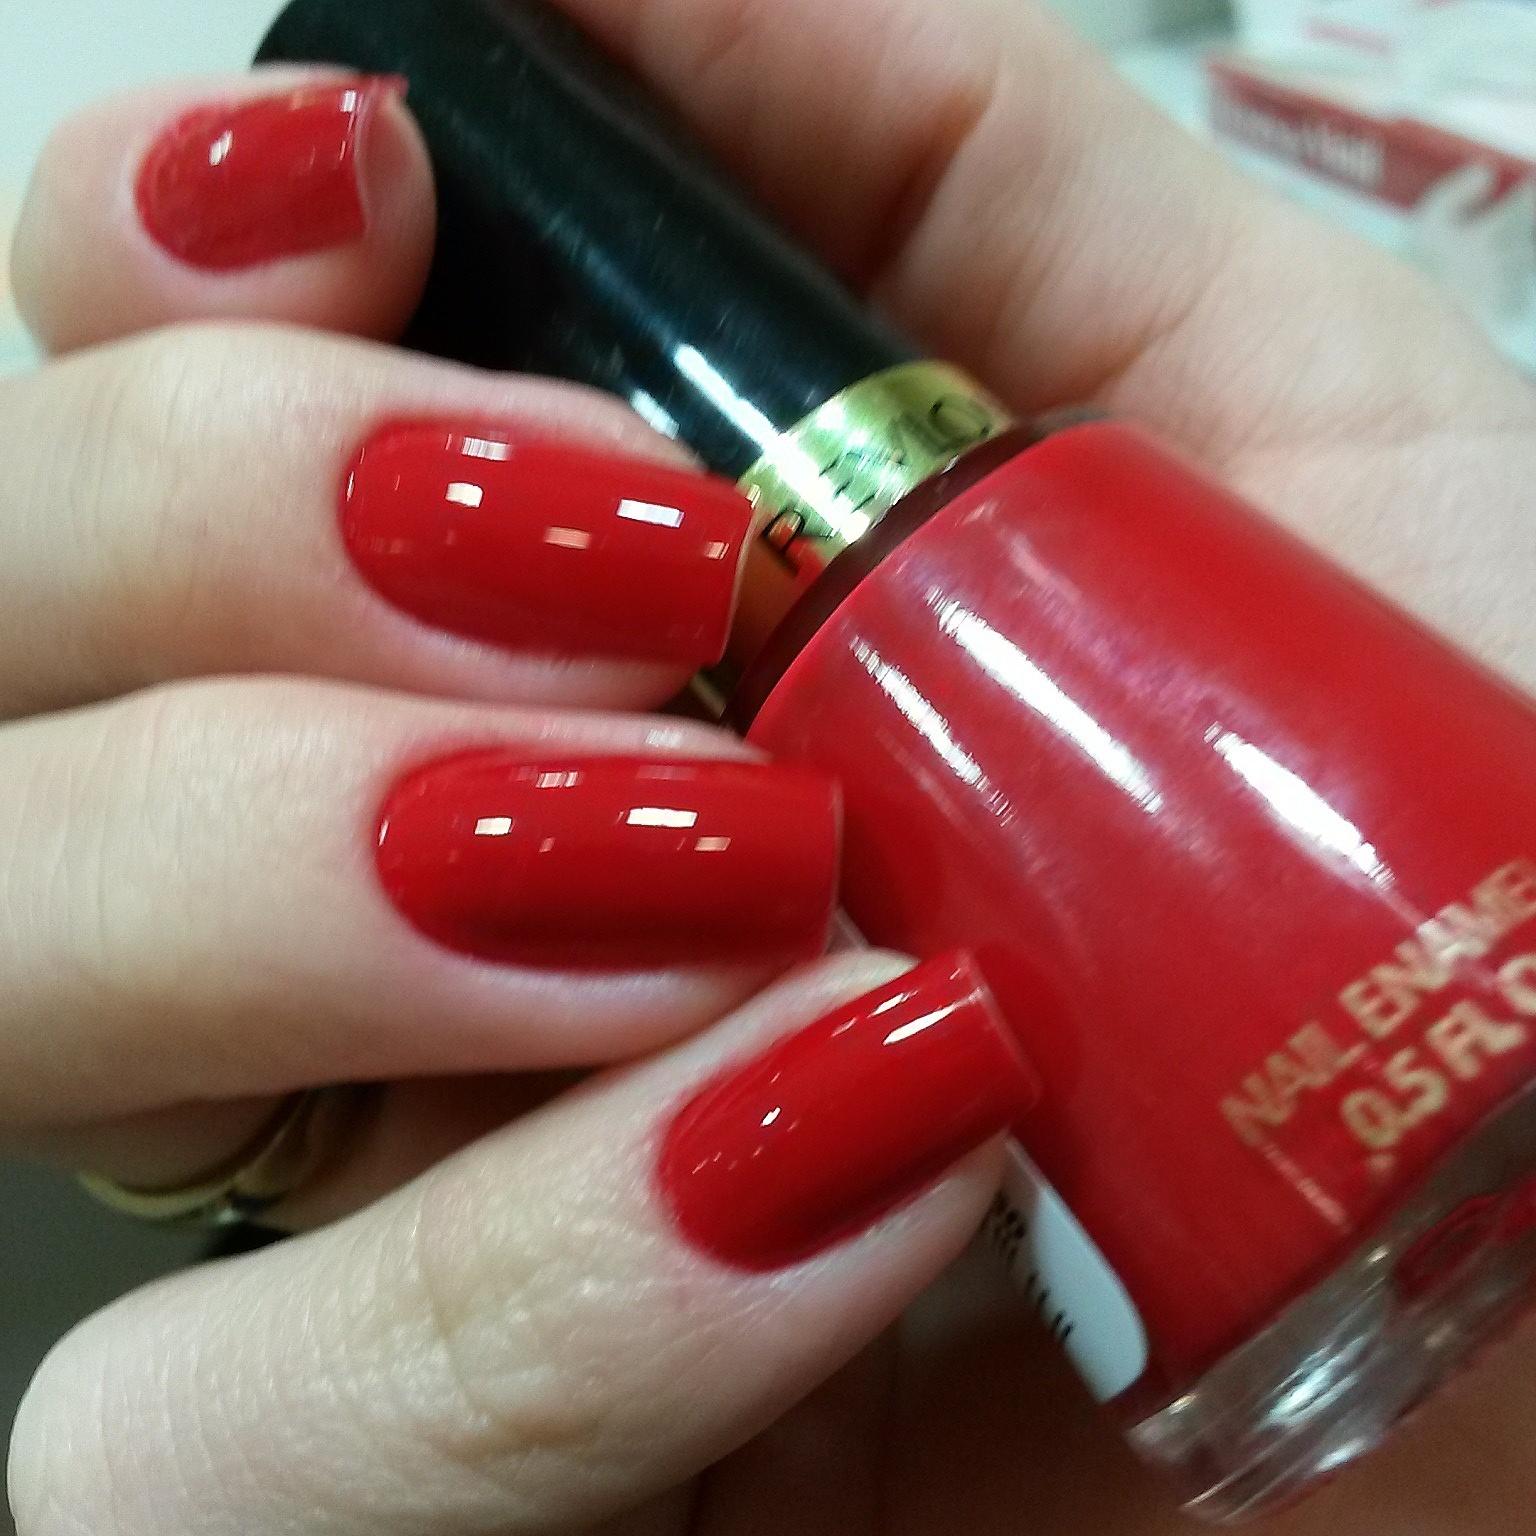 revlon Red. ... minha unha unhas  manicure e pedicure depilador(a)